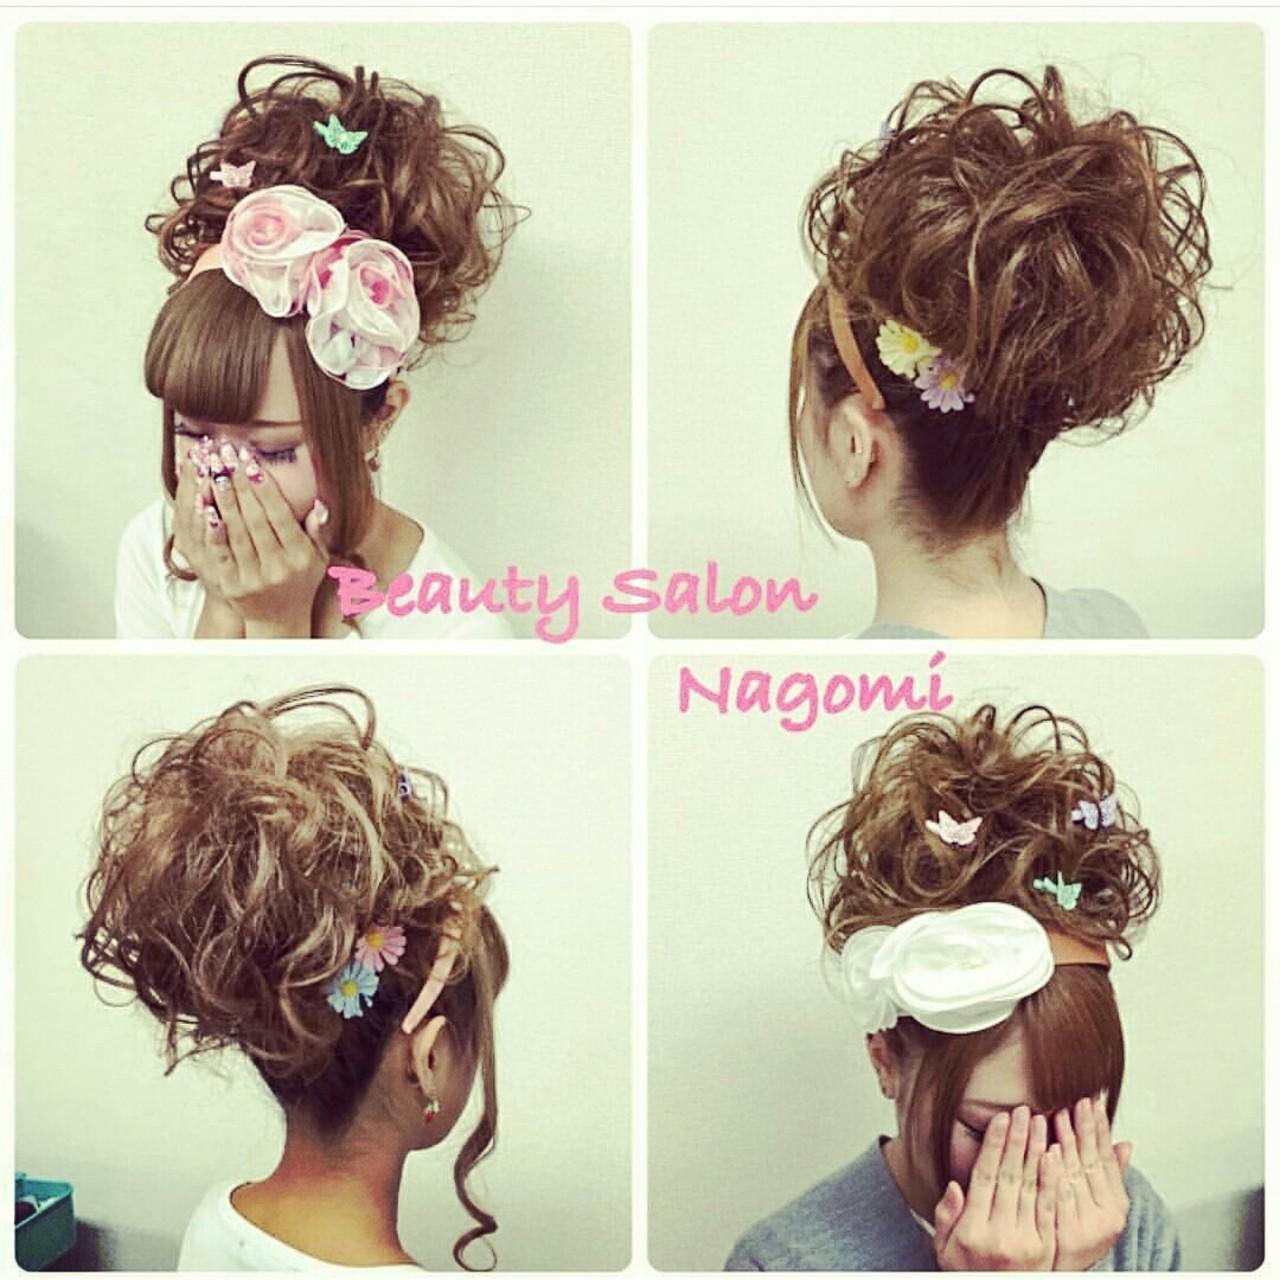 アップスタイル 結婚式 ロング 振袖|Beauty Salon nagomi